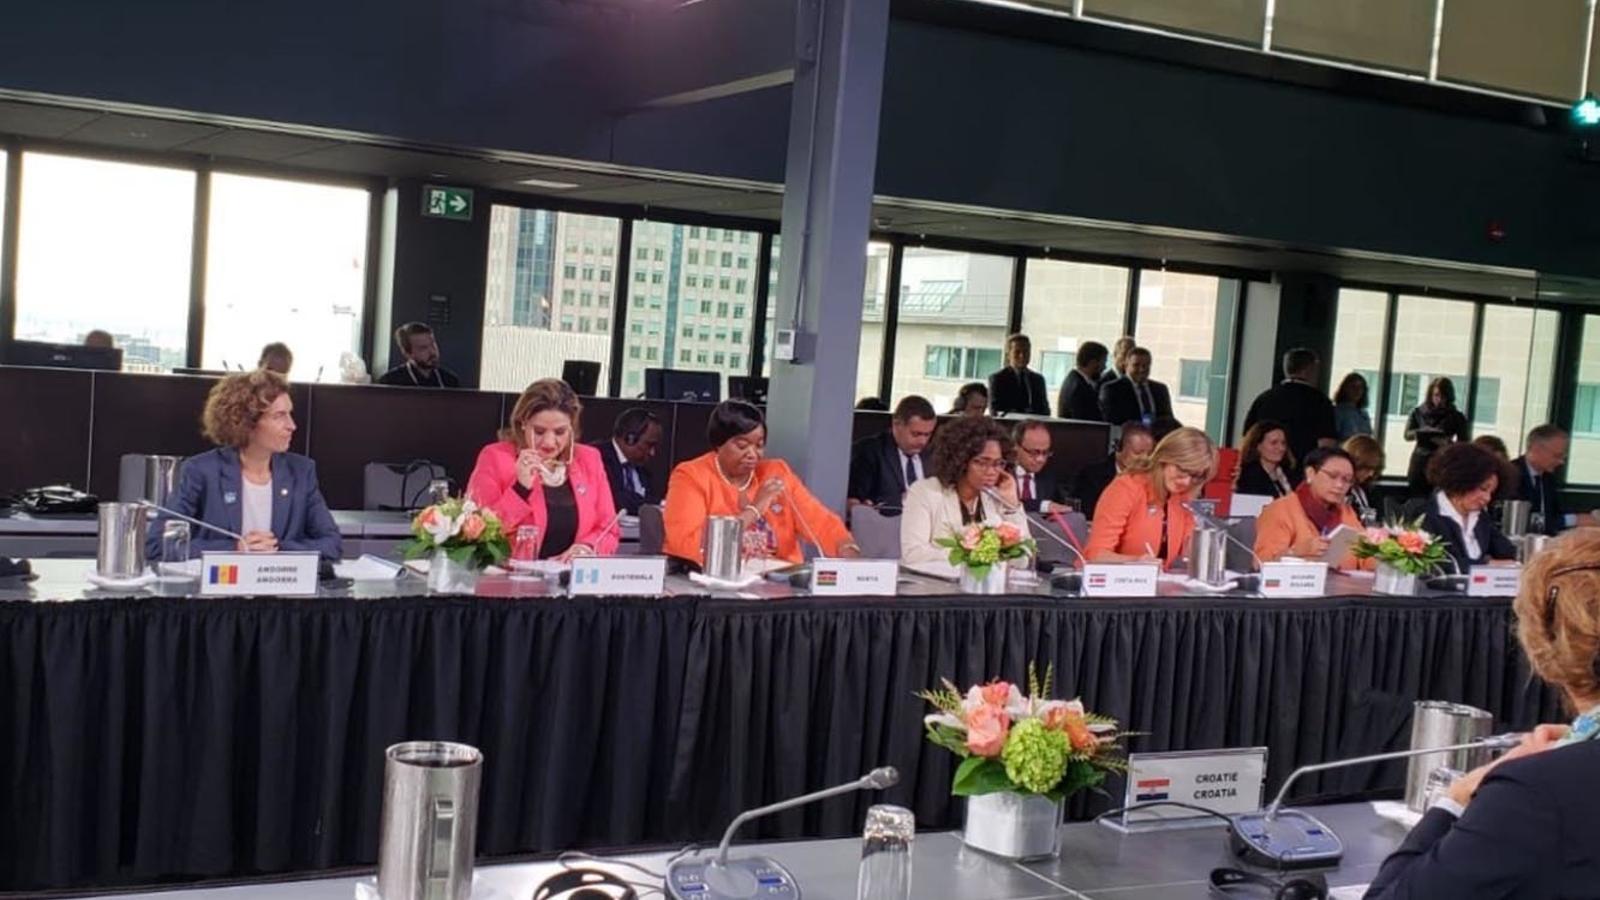 La ministra d'Afers Exteriors, Maria Ubach, durant la inauguració de la reunió. / TWITTER GOVERN